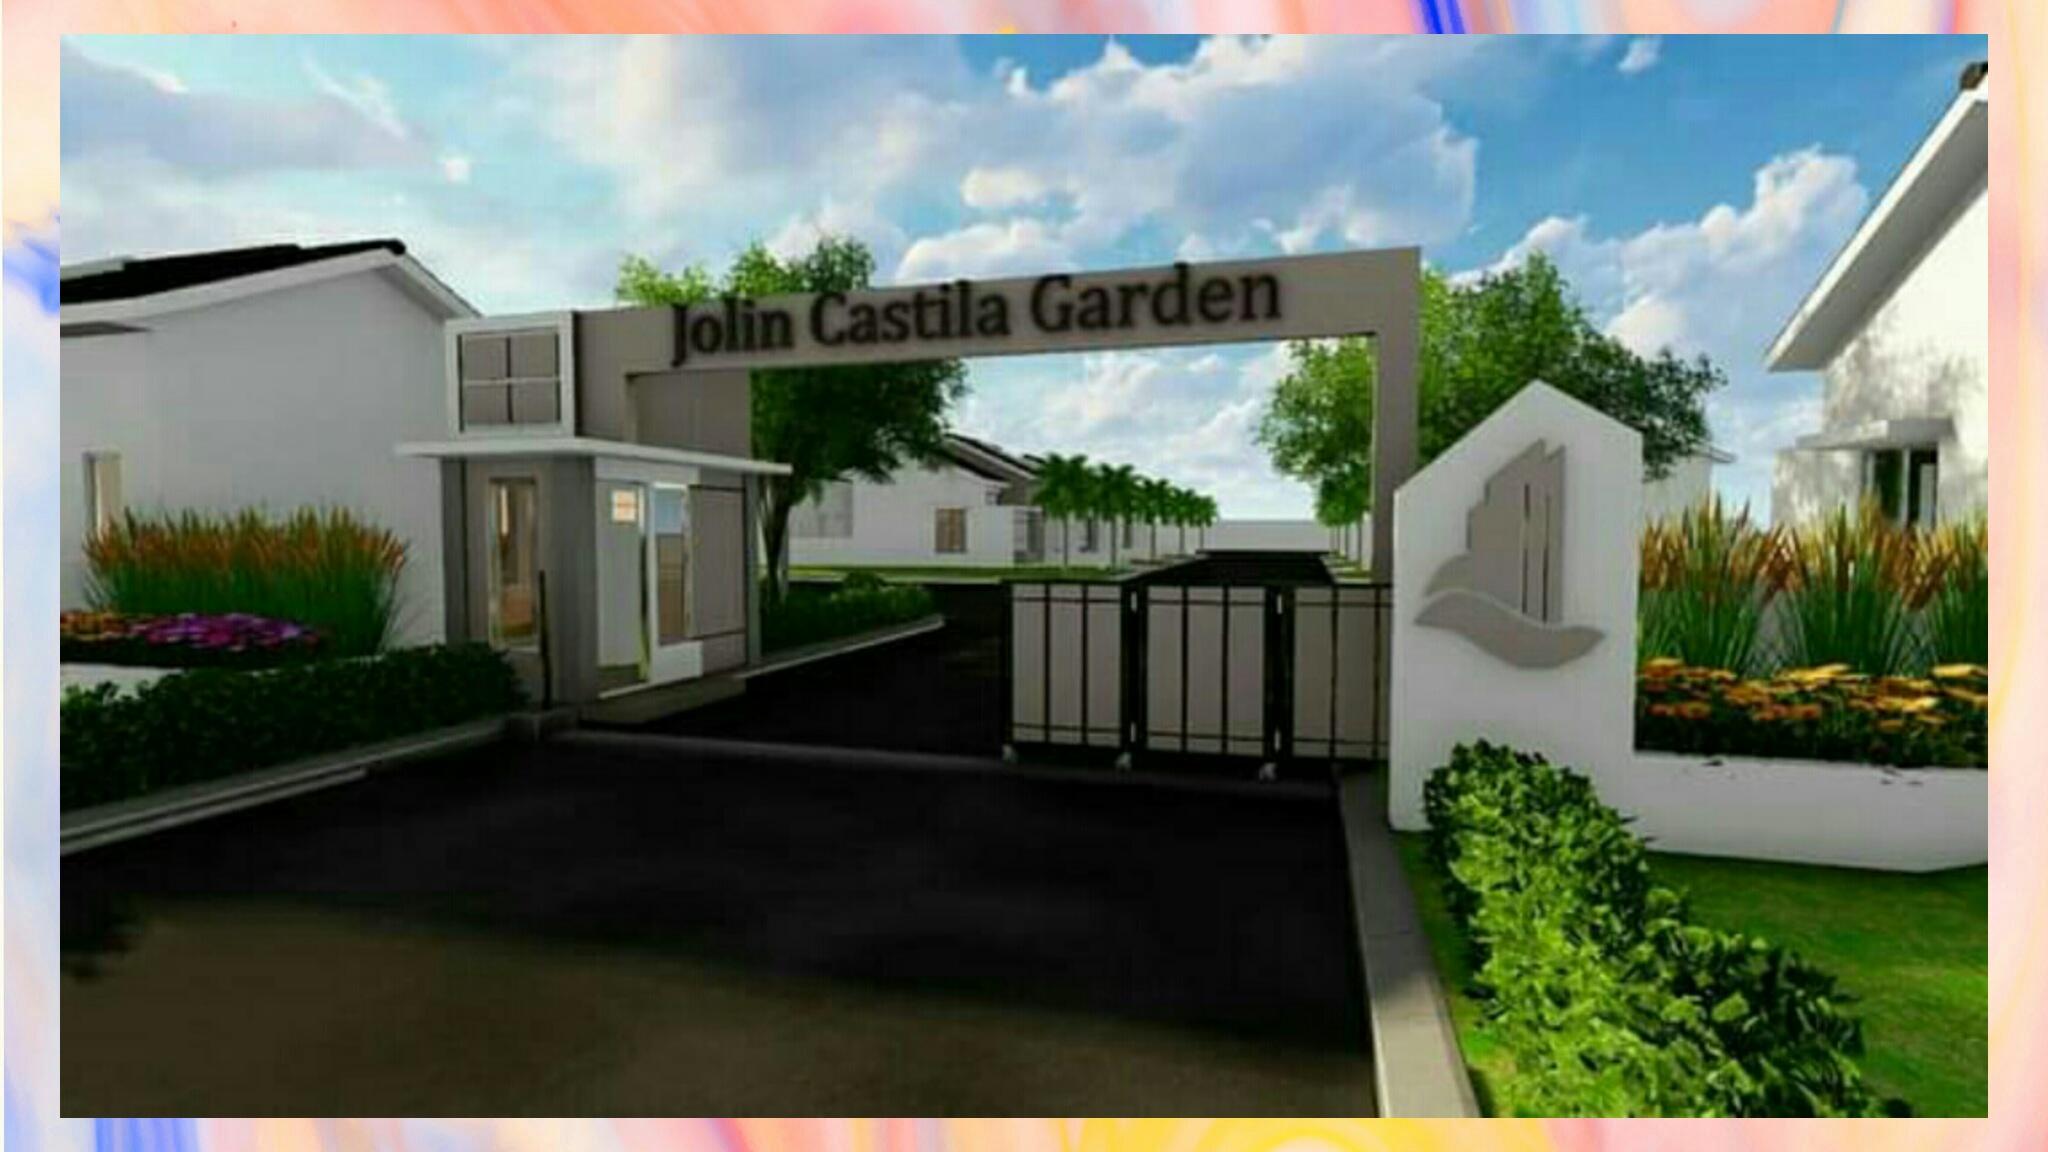 Jolin Castila Garden